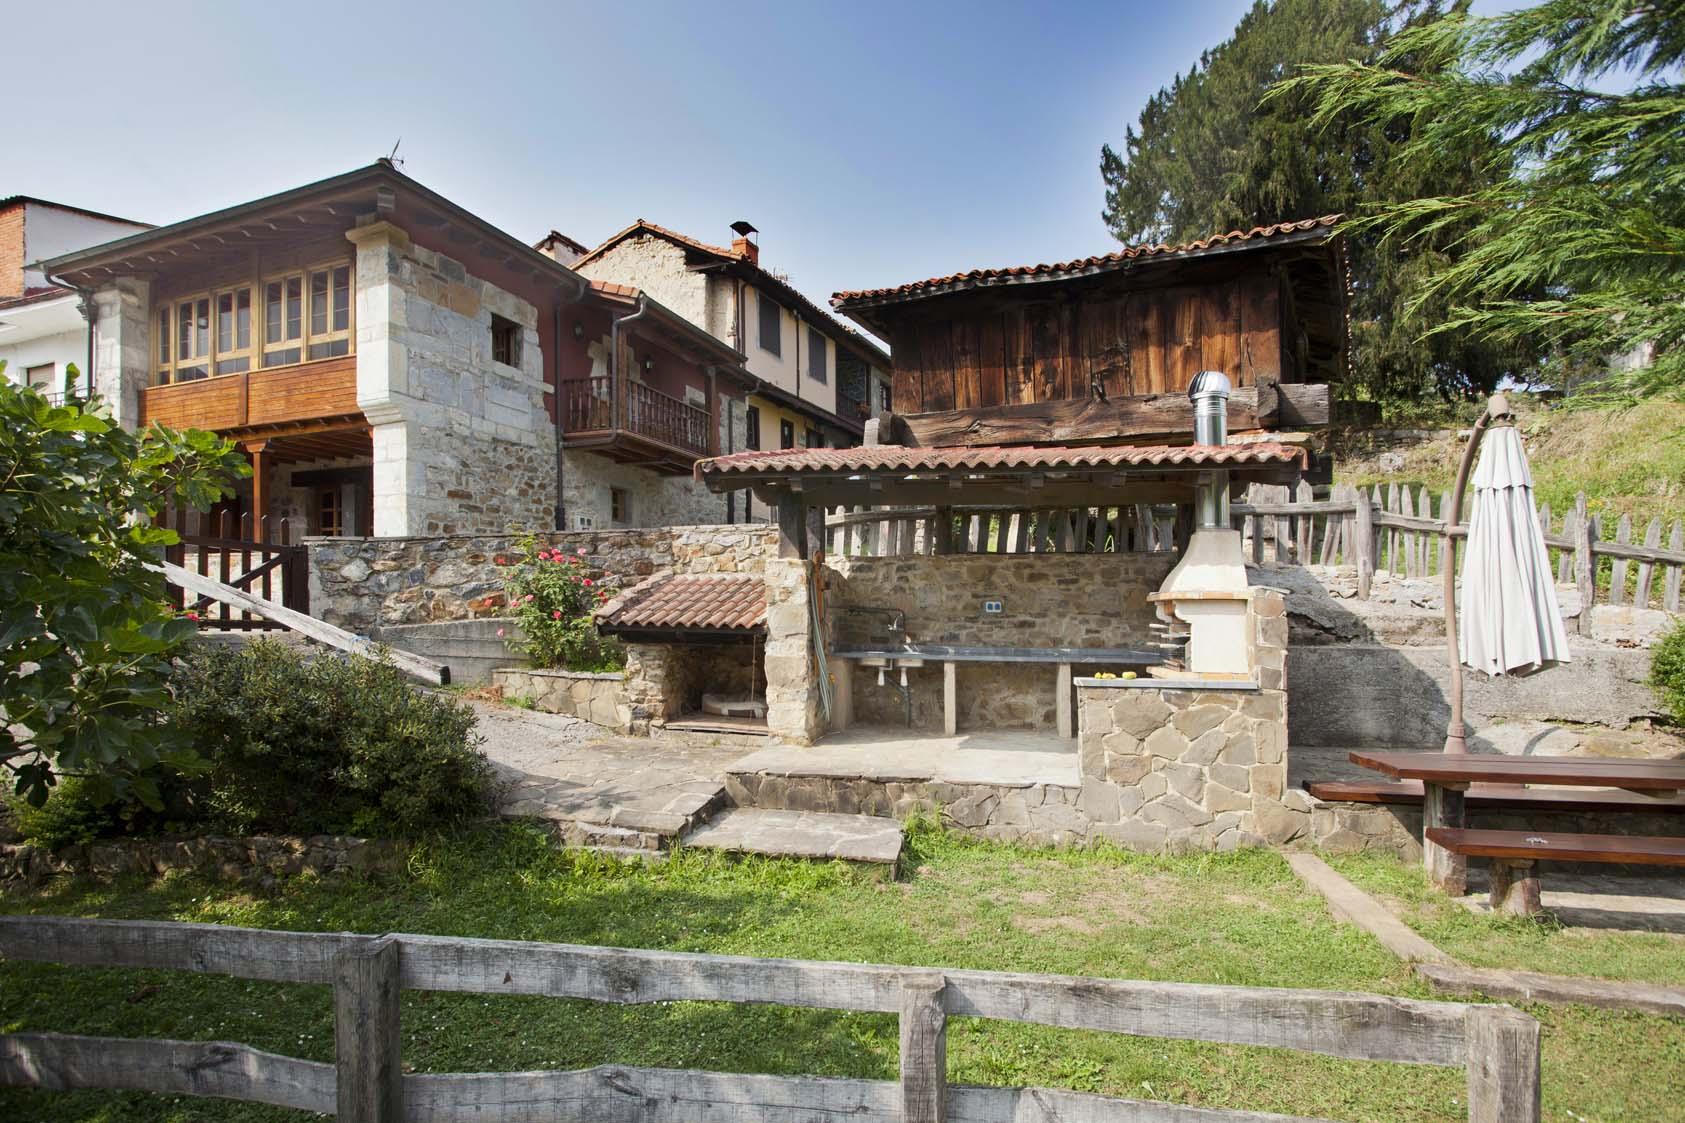 Zona ajardinada y barbacoa casa de aldea La casona de Riomera.